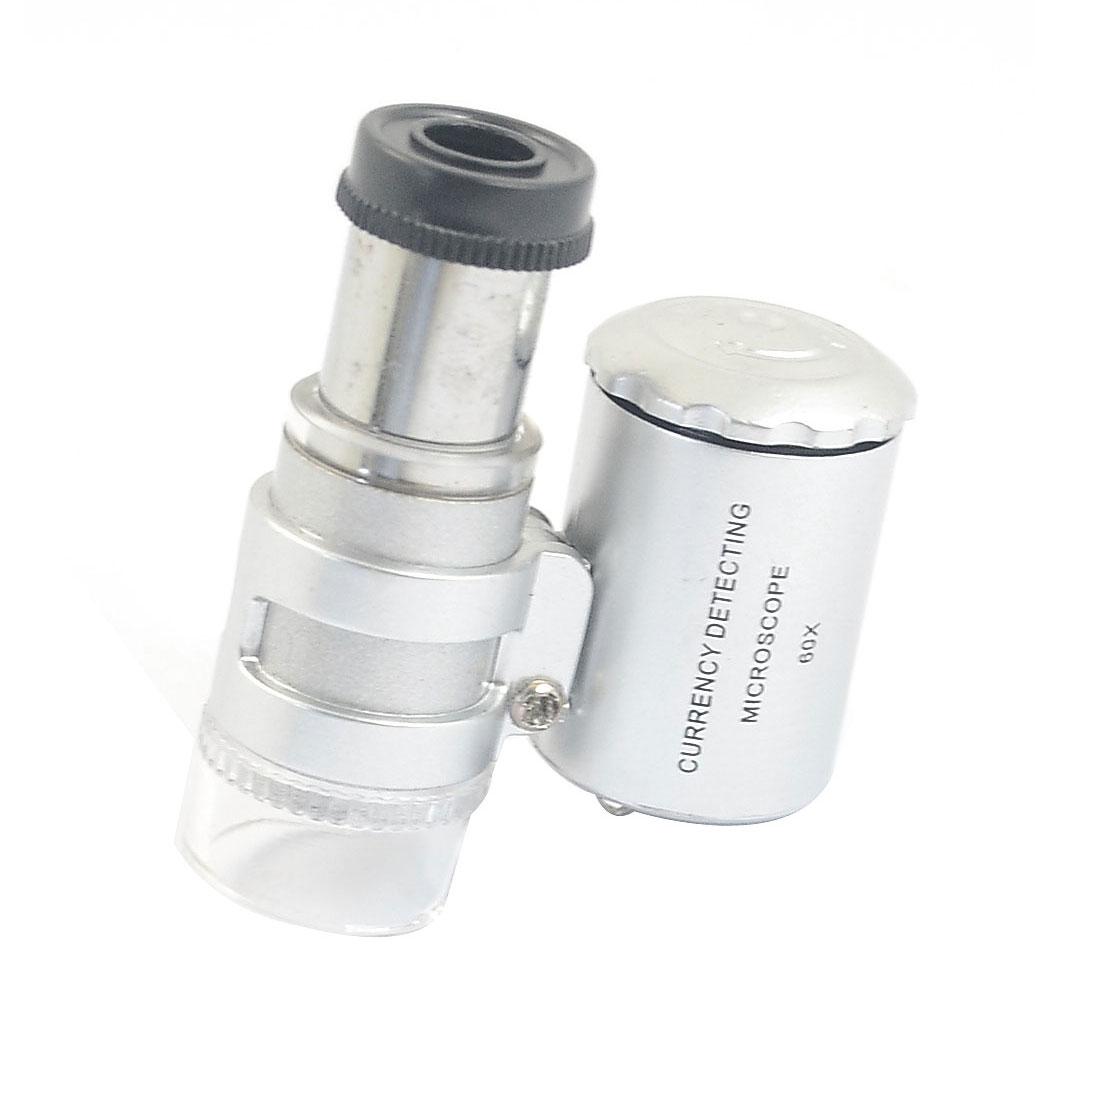 Handheld LED Illuminated 60X Pocket Microscope Magnifier Jewelry Eye Loupe